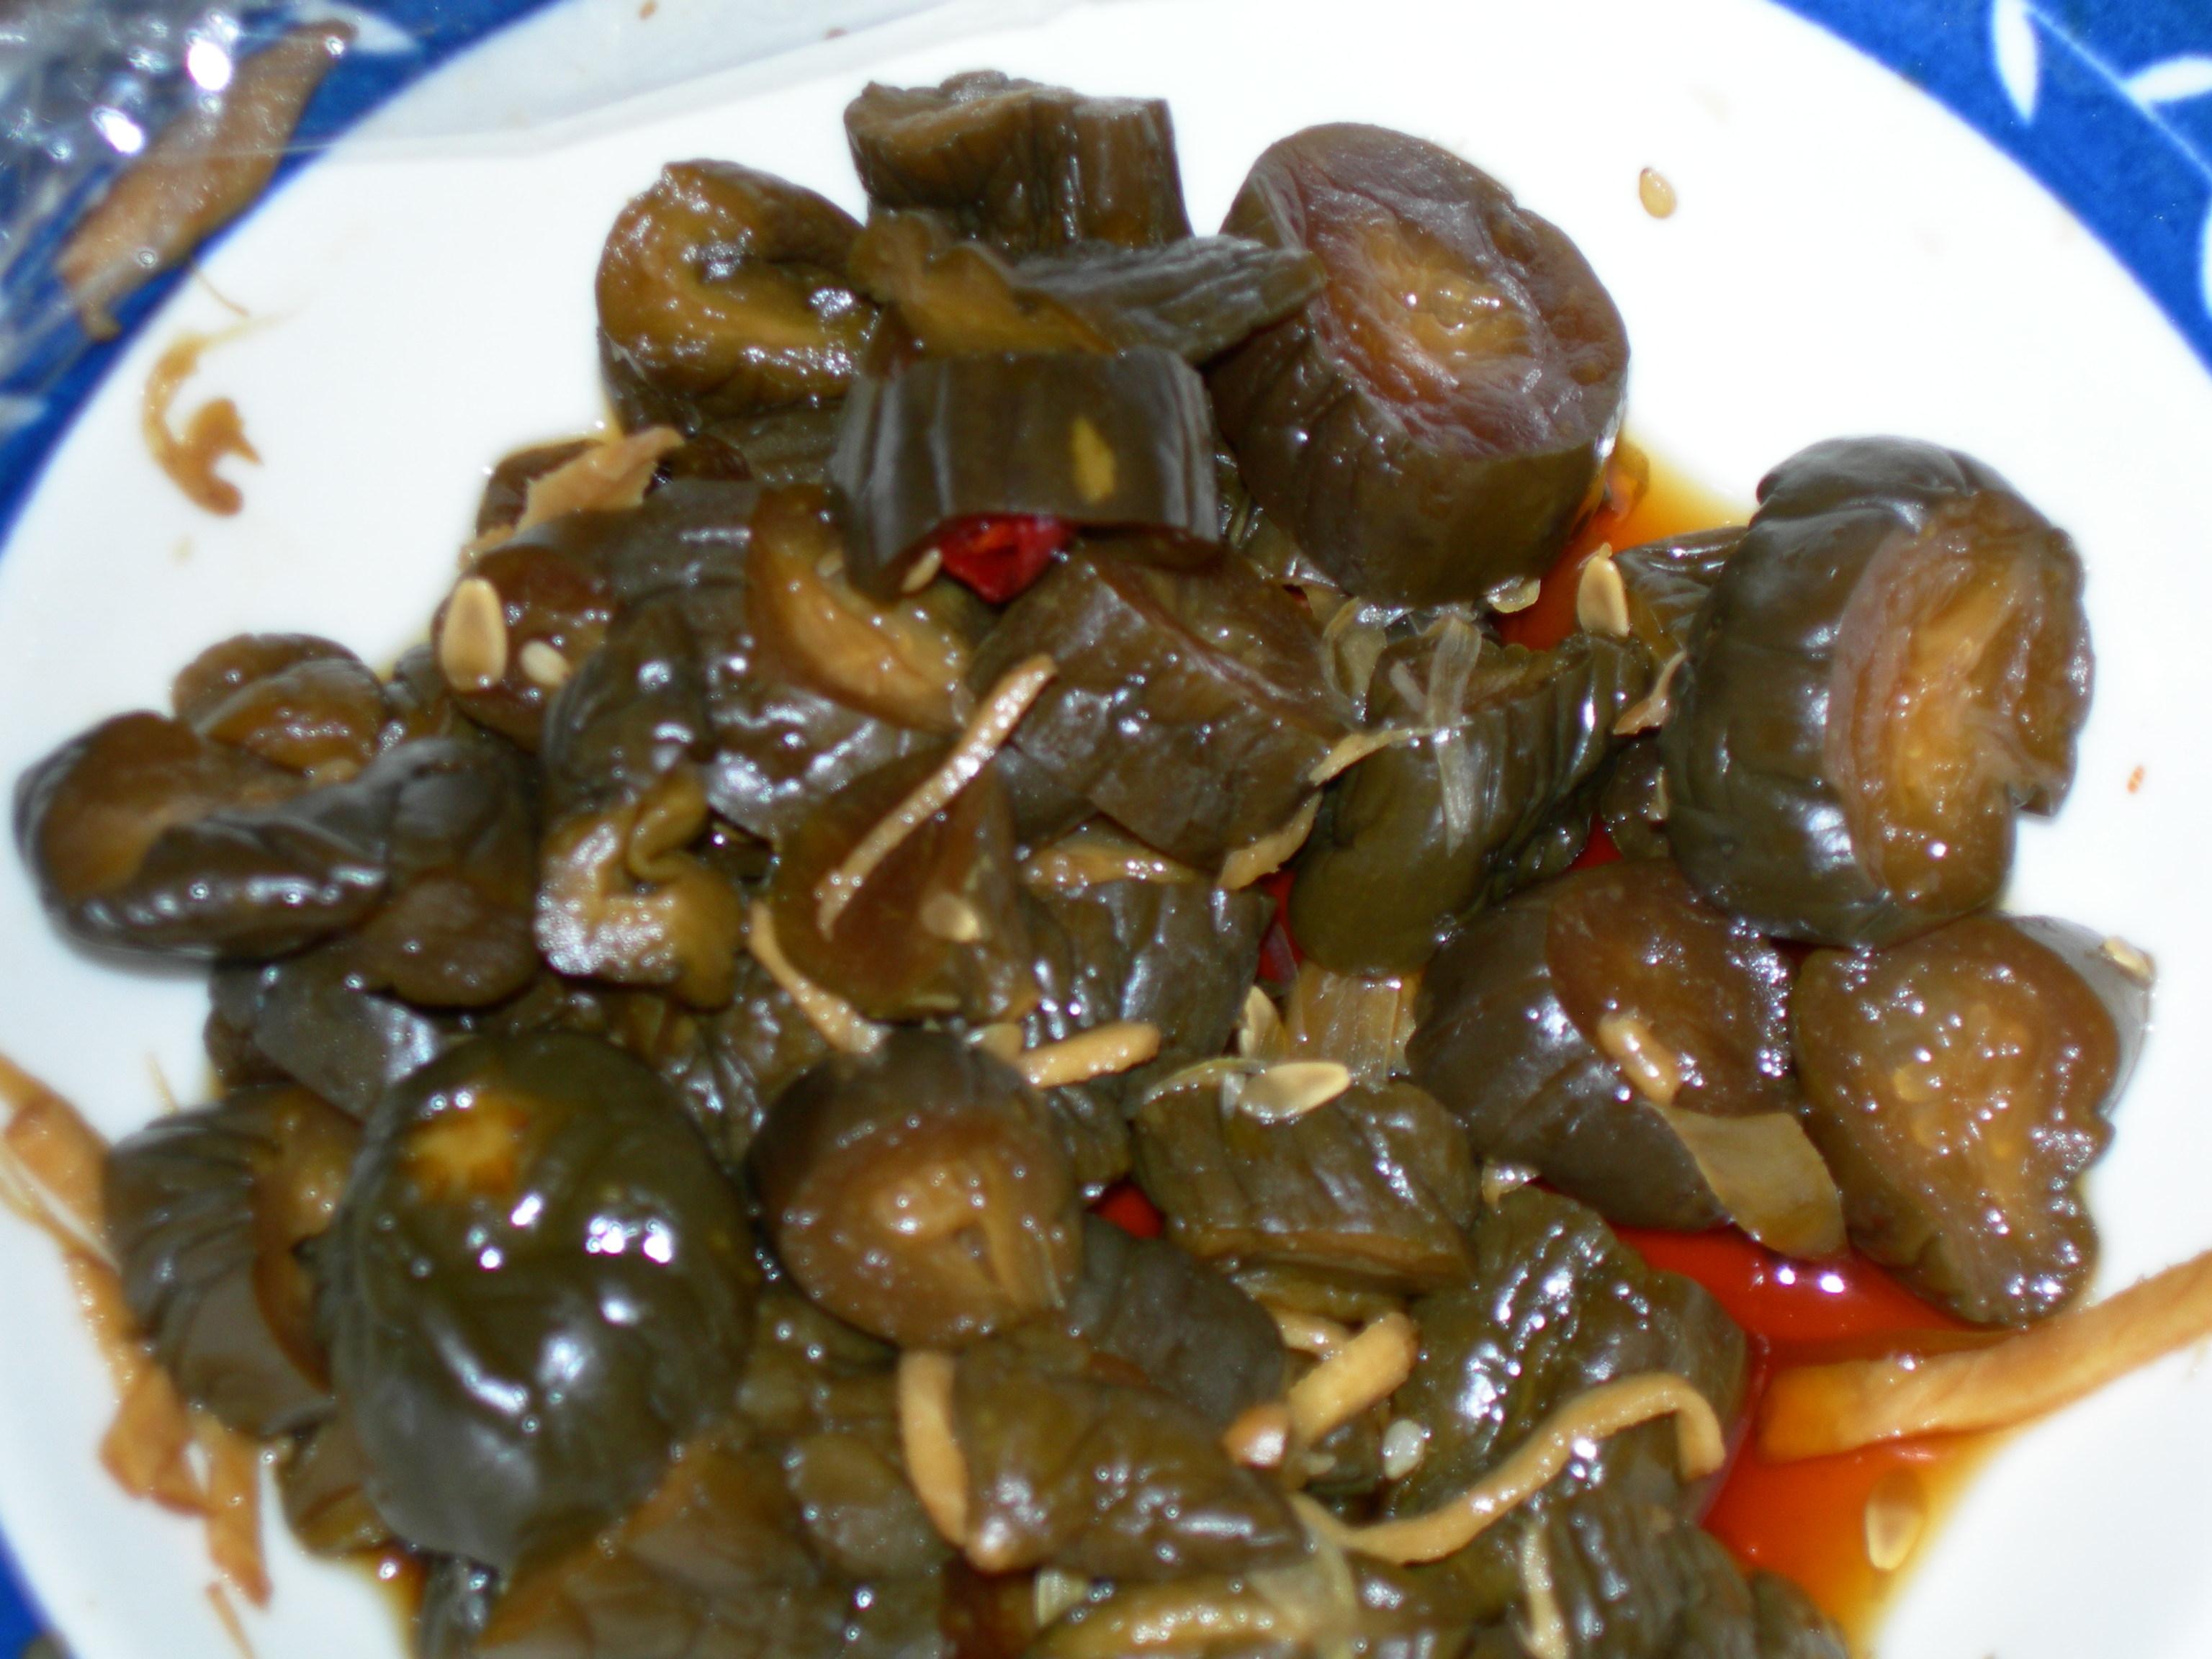 きゅうり の キュー ちゃん 漬け レシピ きゅうりのキューちゃんレシピ!きゅうりの漬物の作り方